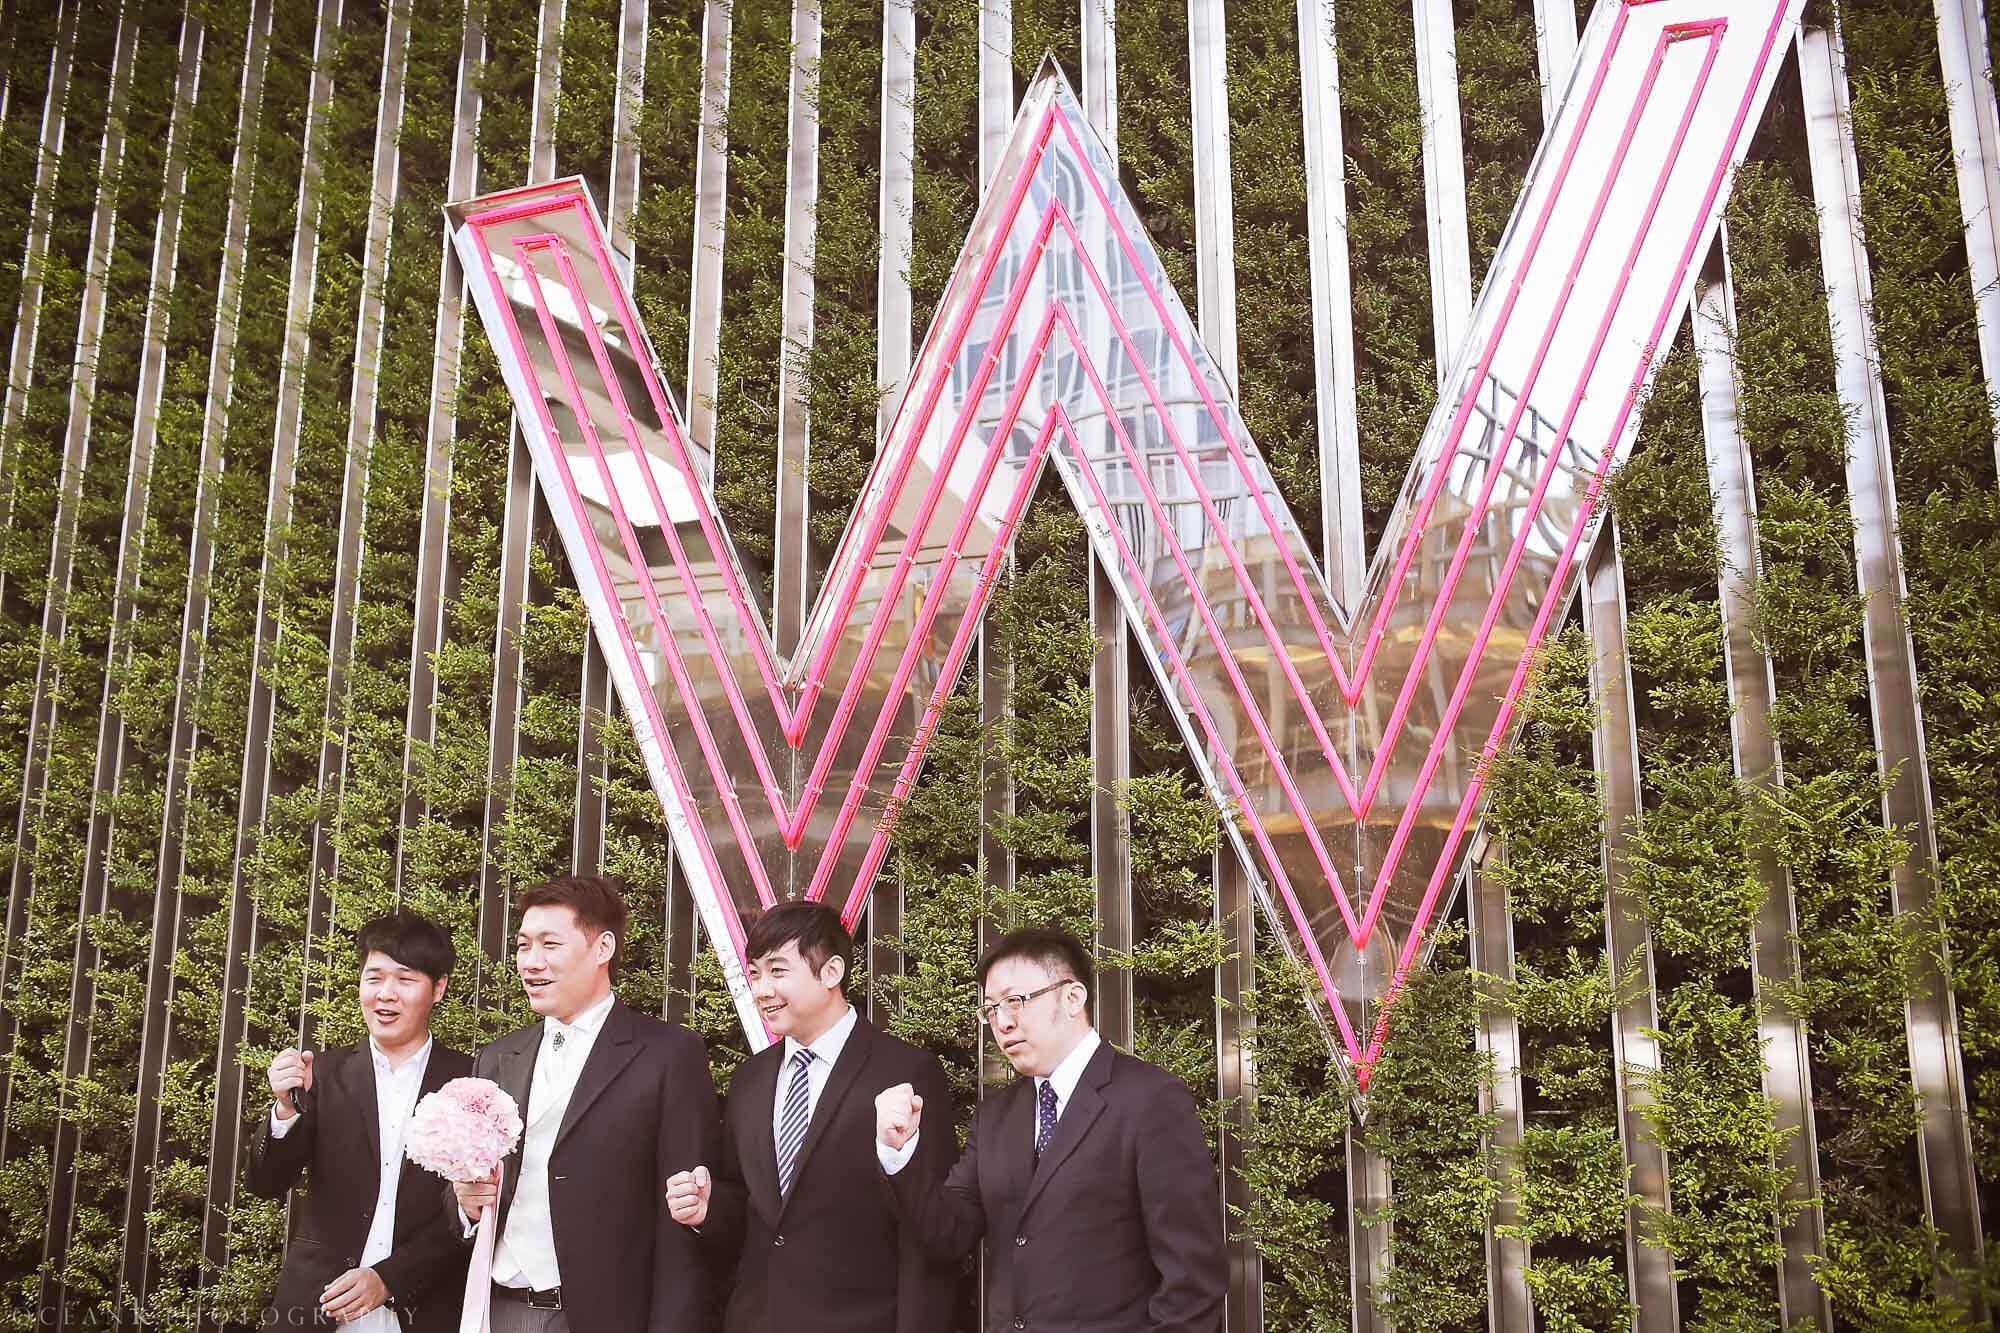 W hotel 婚禮攝影